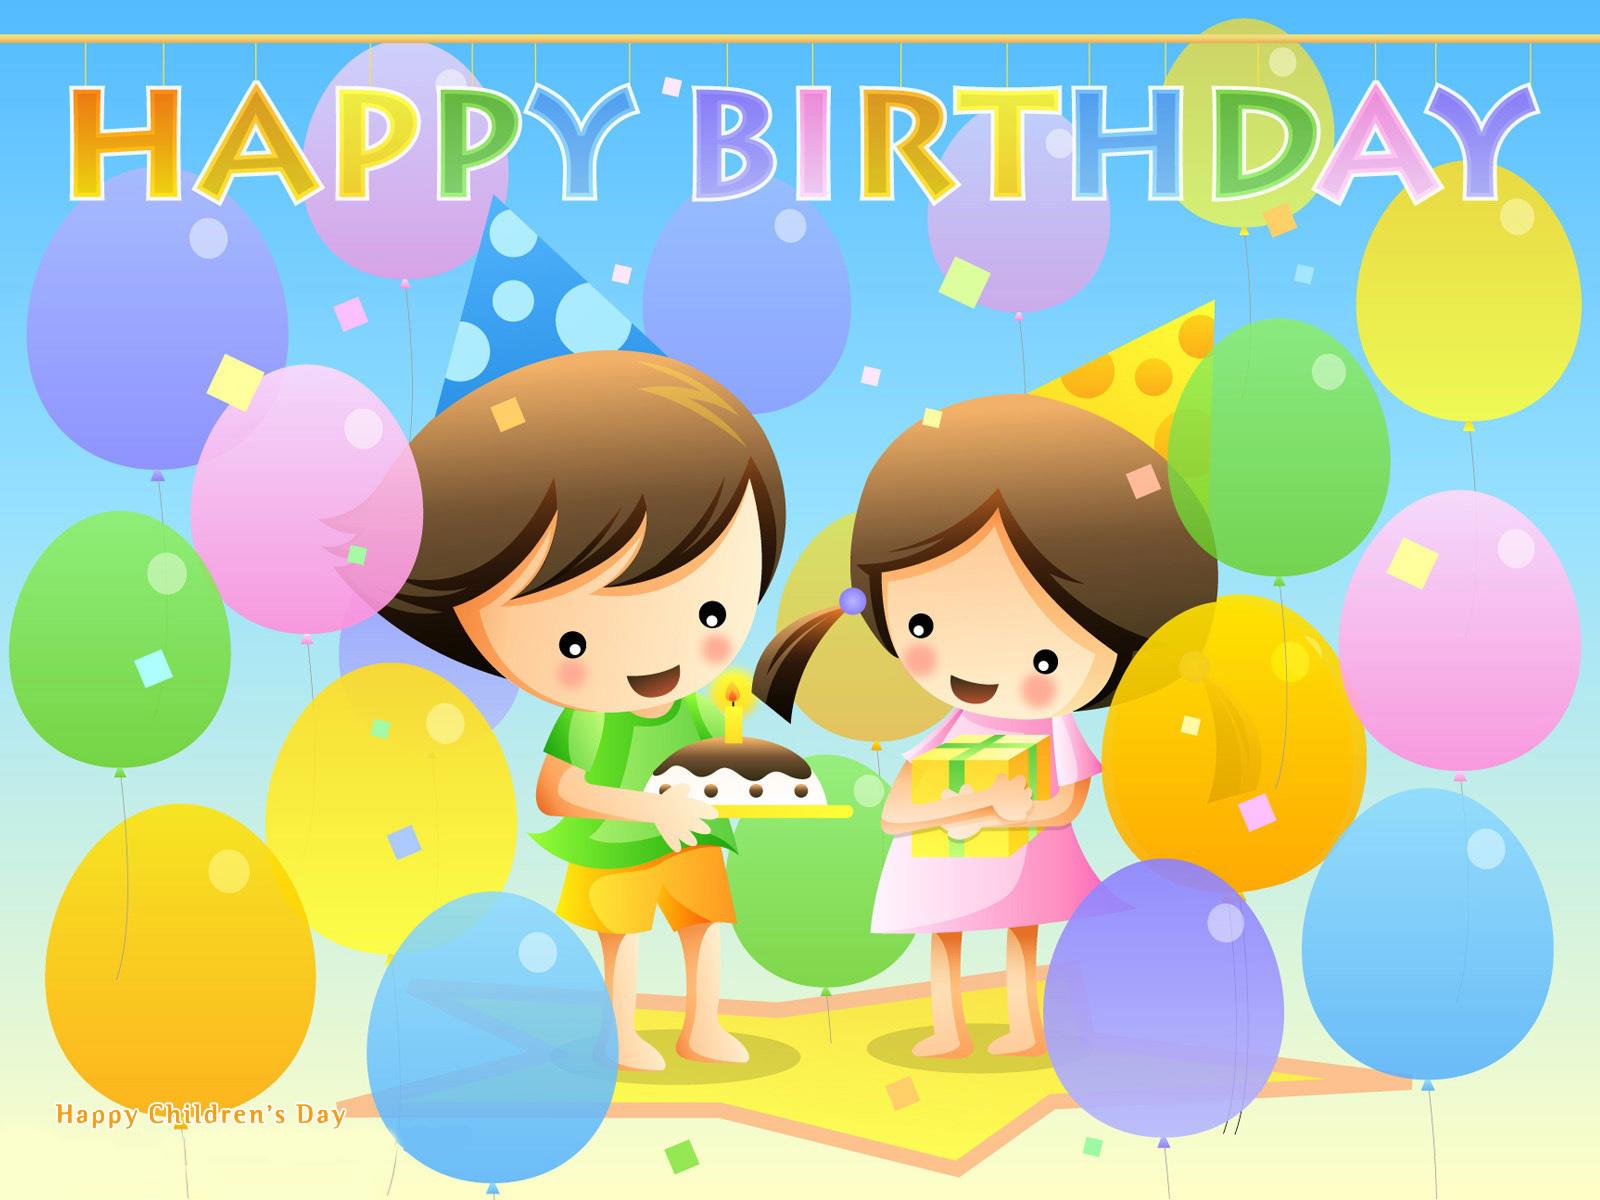 Дню святого, картинка с днем рождения мальчика и девочки